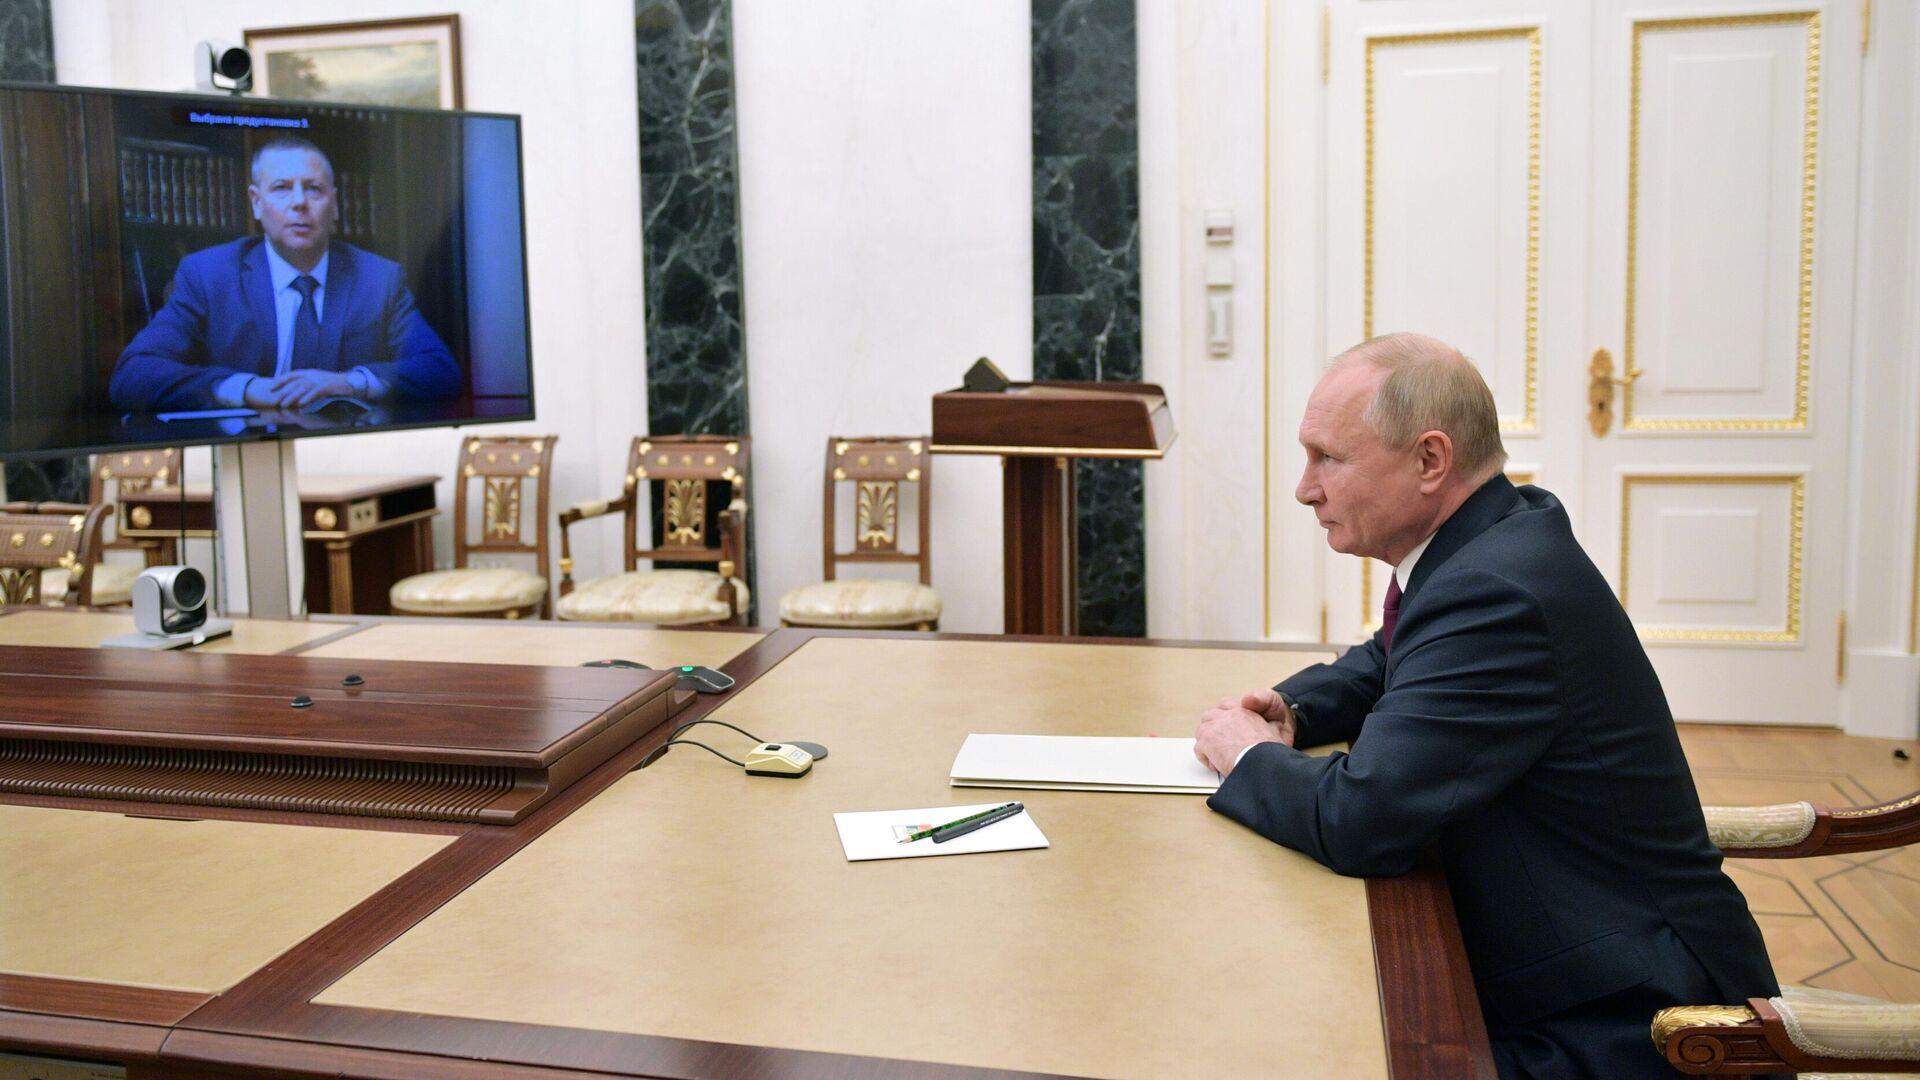 Президент РФ Владимир Путин на встрече в режиме видеоконференции с Михаилом Евраевым - РИА Новости, 1920, 12.10.2021